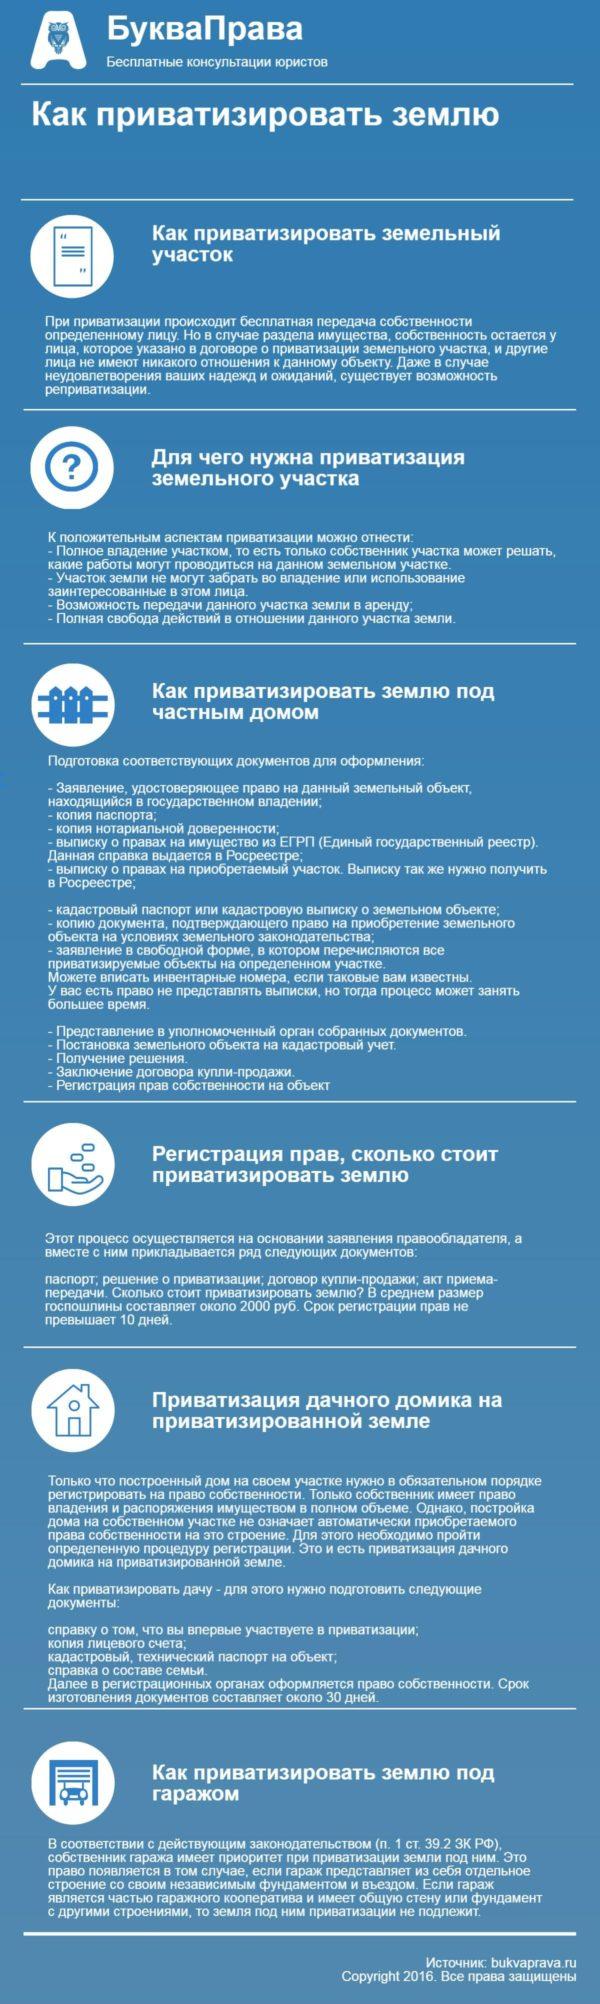 Русскоязычный адвокат в австрии